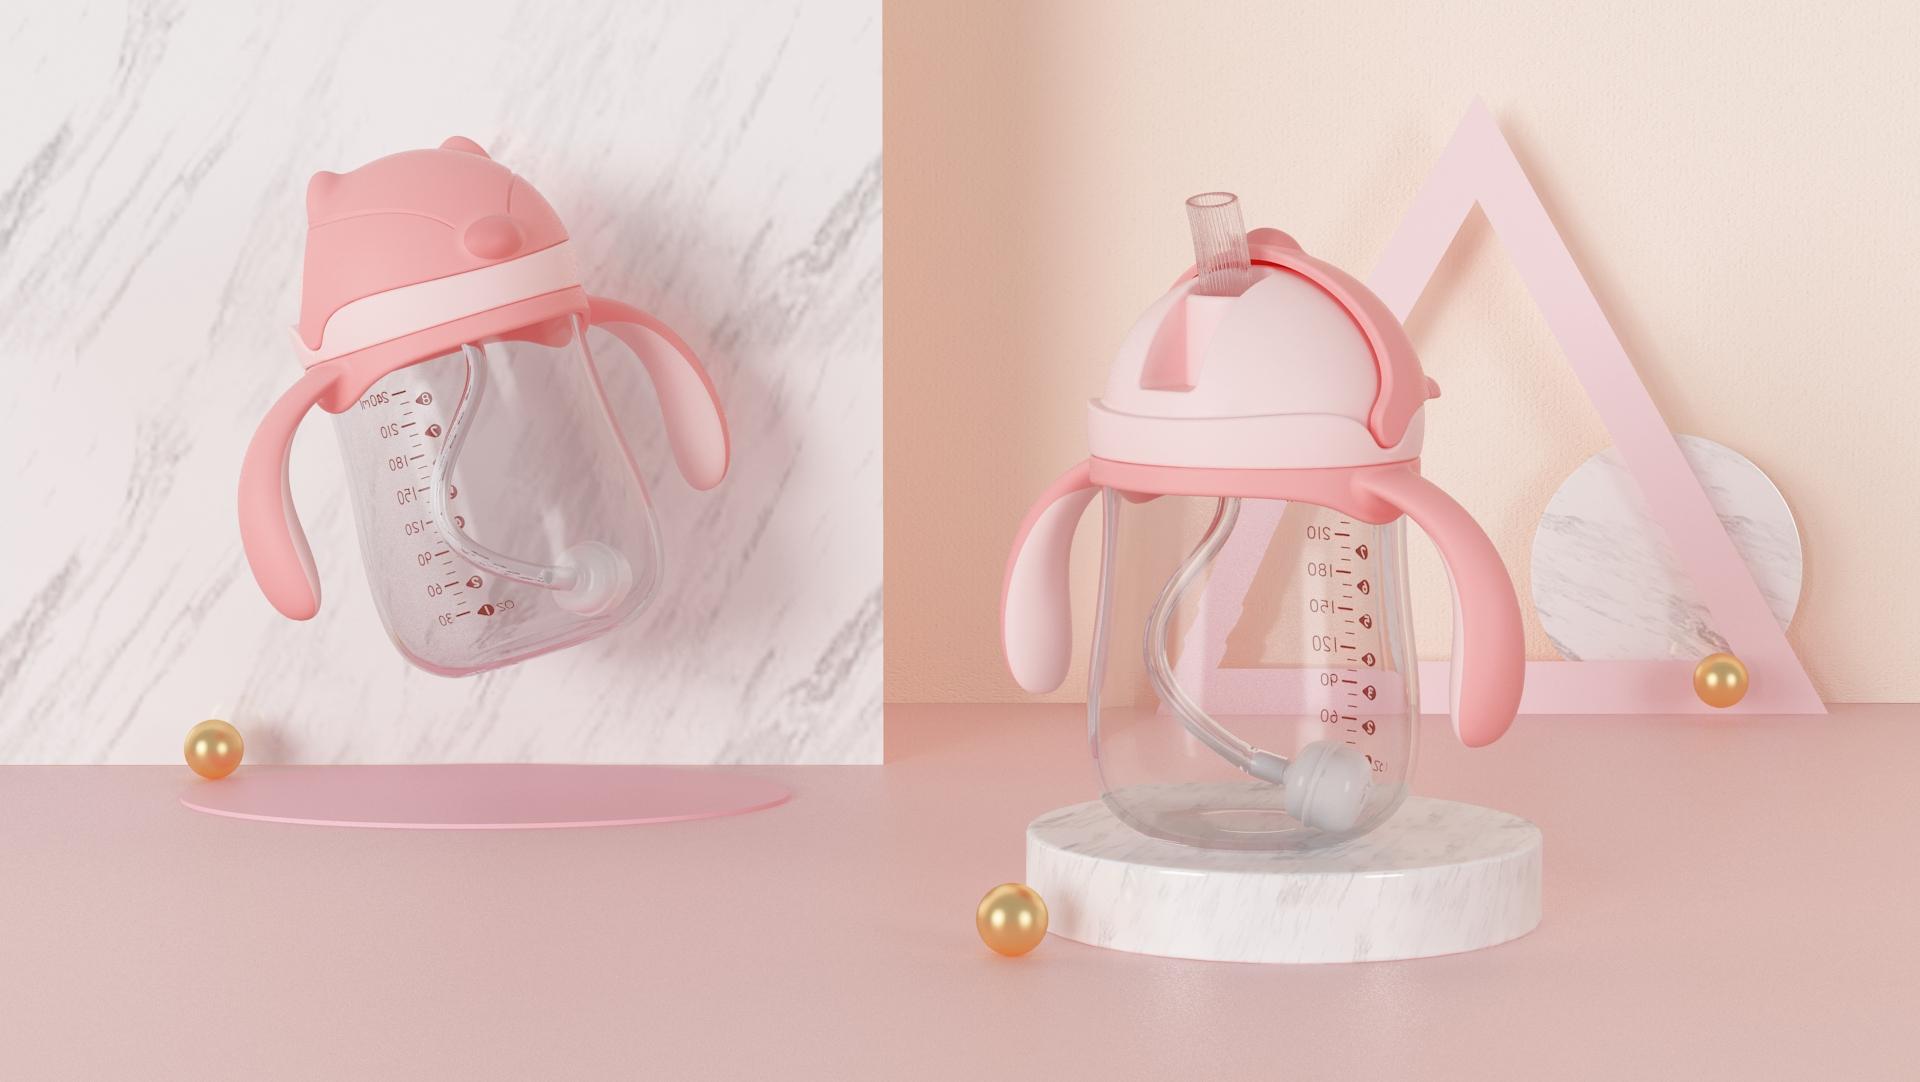 BPA משלוח מותאם אישית לוגו תינוק בקבוקי האכלה ידידותית לסביבה מזון כיתה PP תינוקות חלב בקבוק